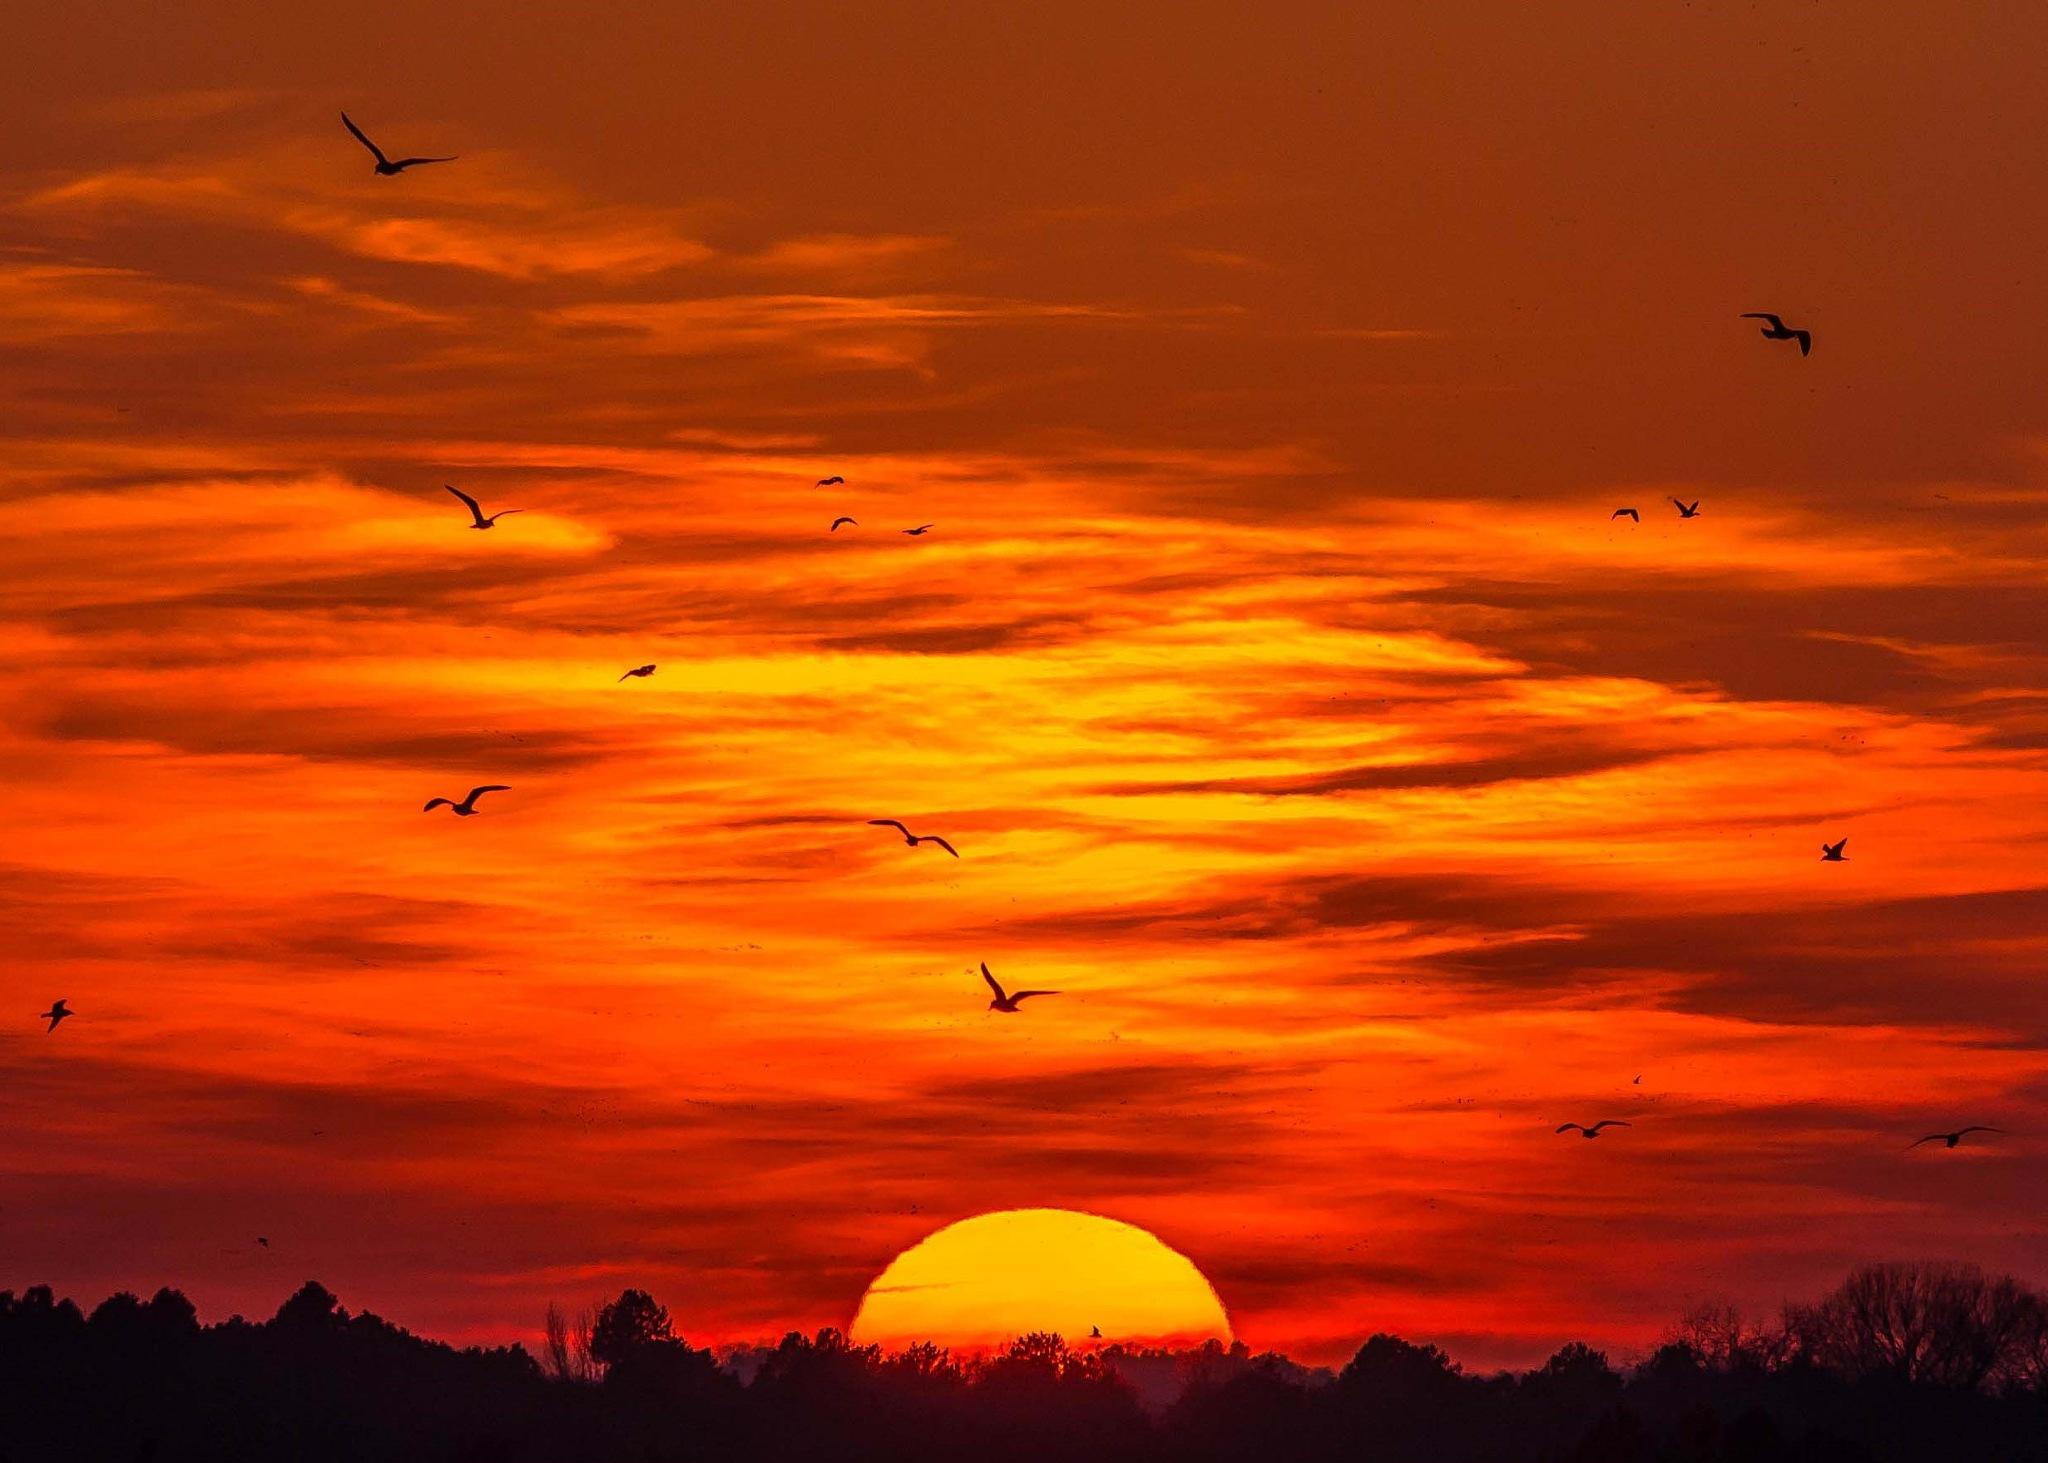 Gulls at Sunset by Jay Douglass